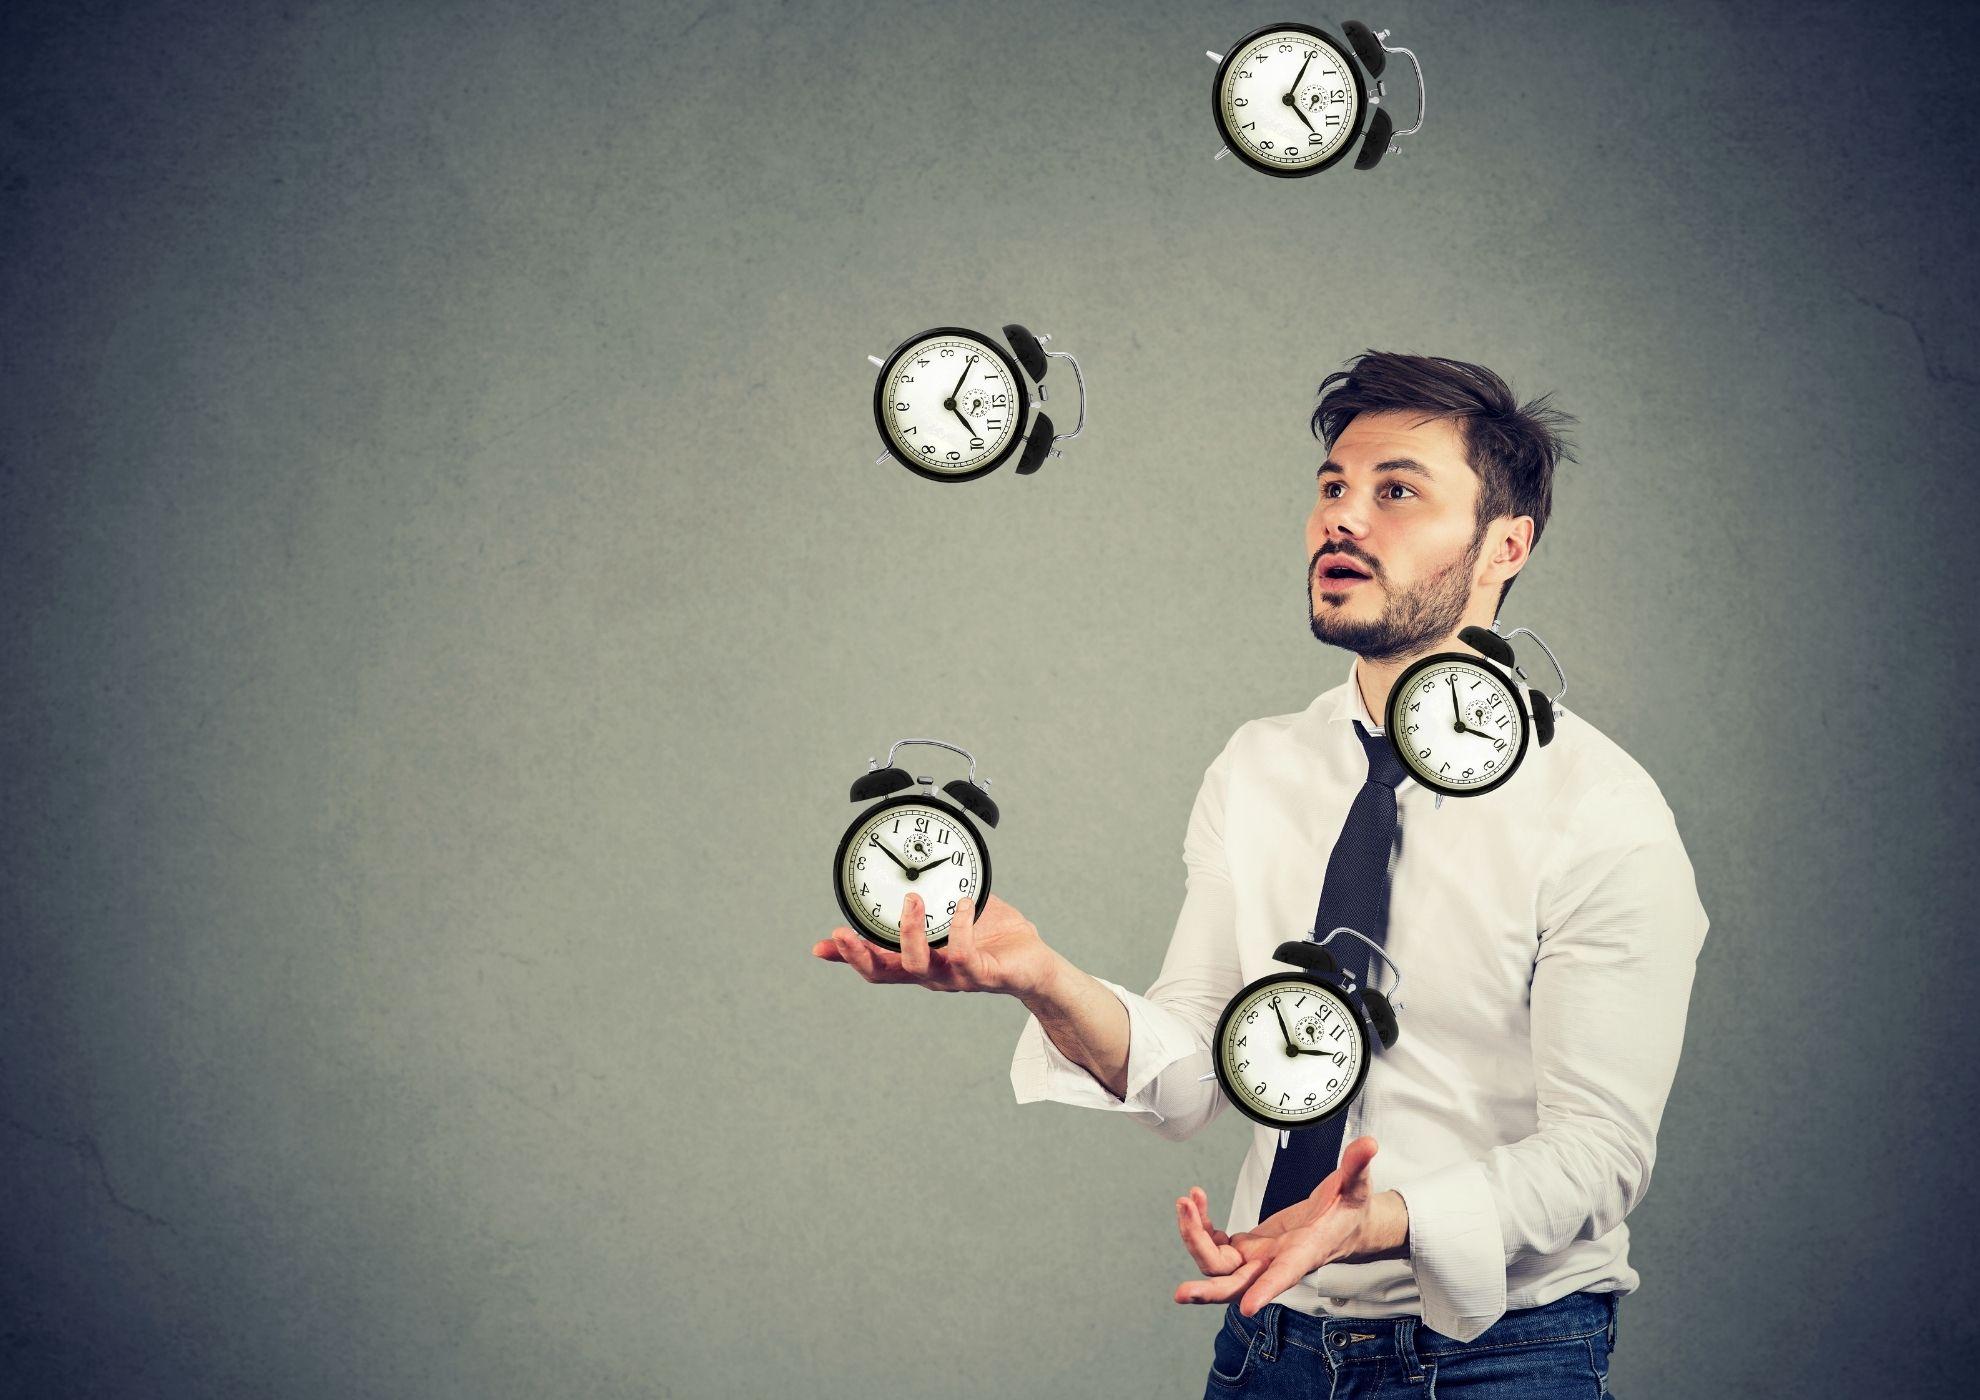 La importancia de saber gestionar nuestro tiempo